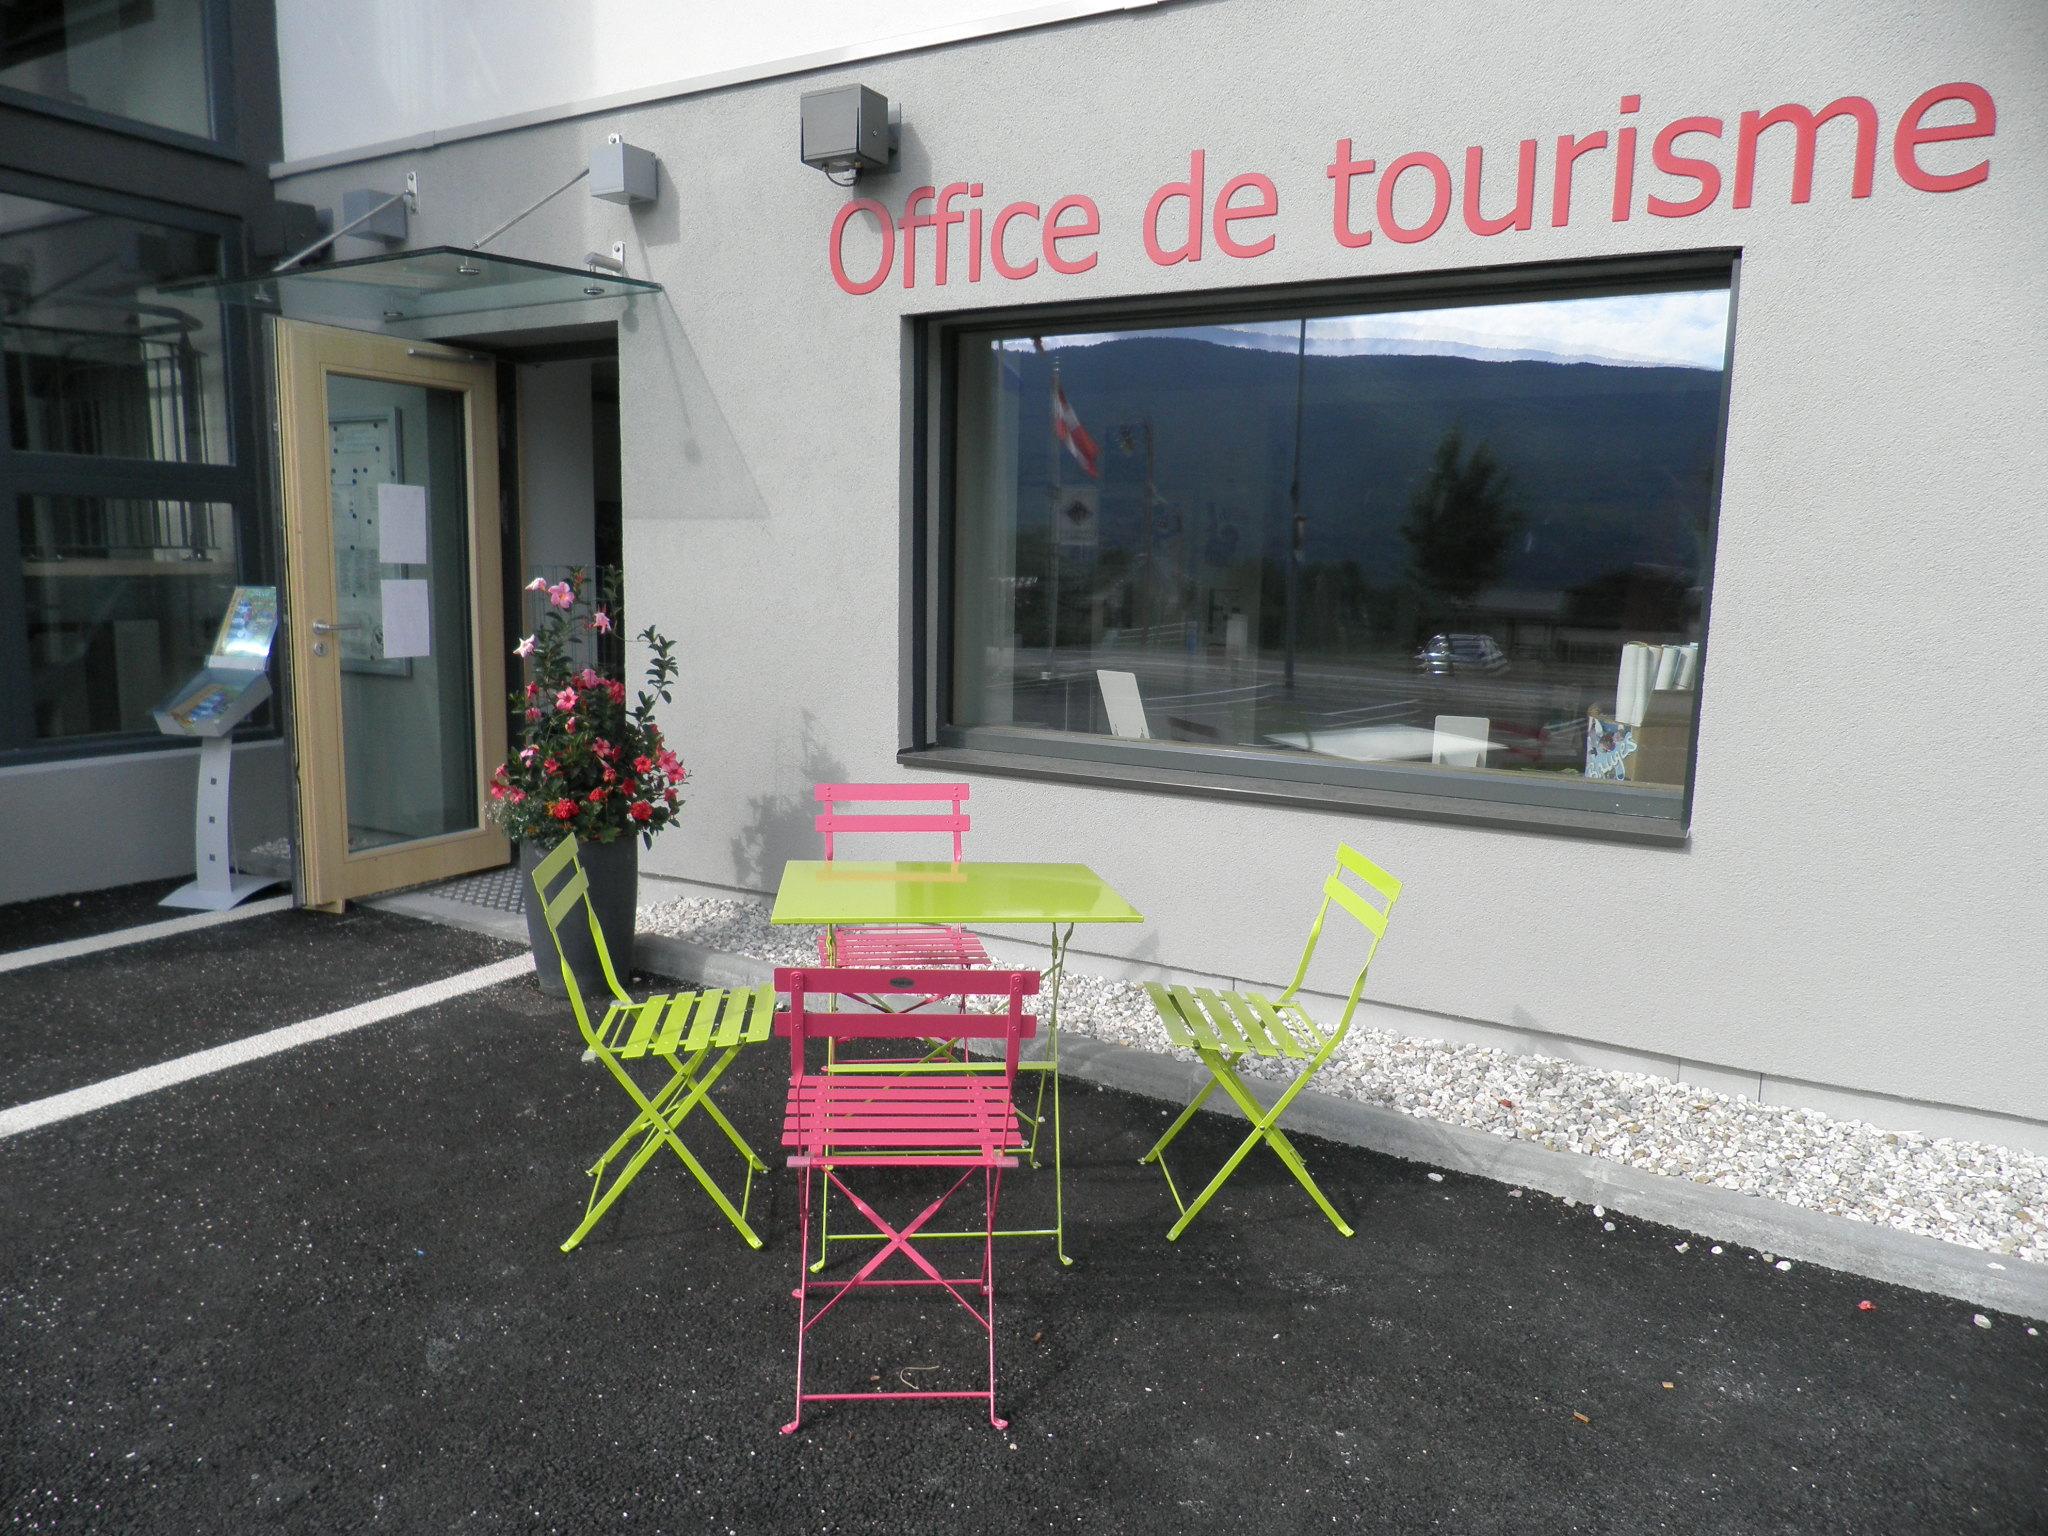 Office de tourisme du ch telard savoie mont blanc - Office de tourisme des alpes mancelles ...